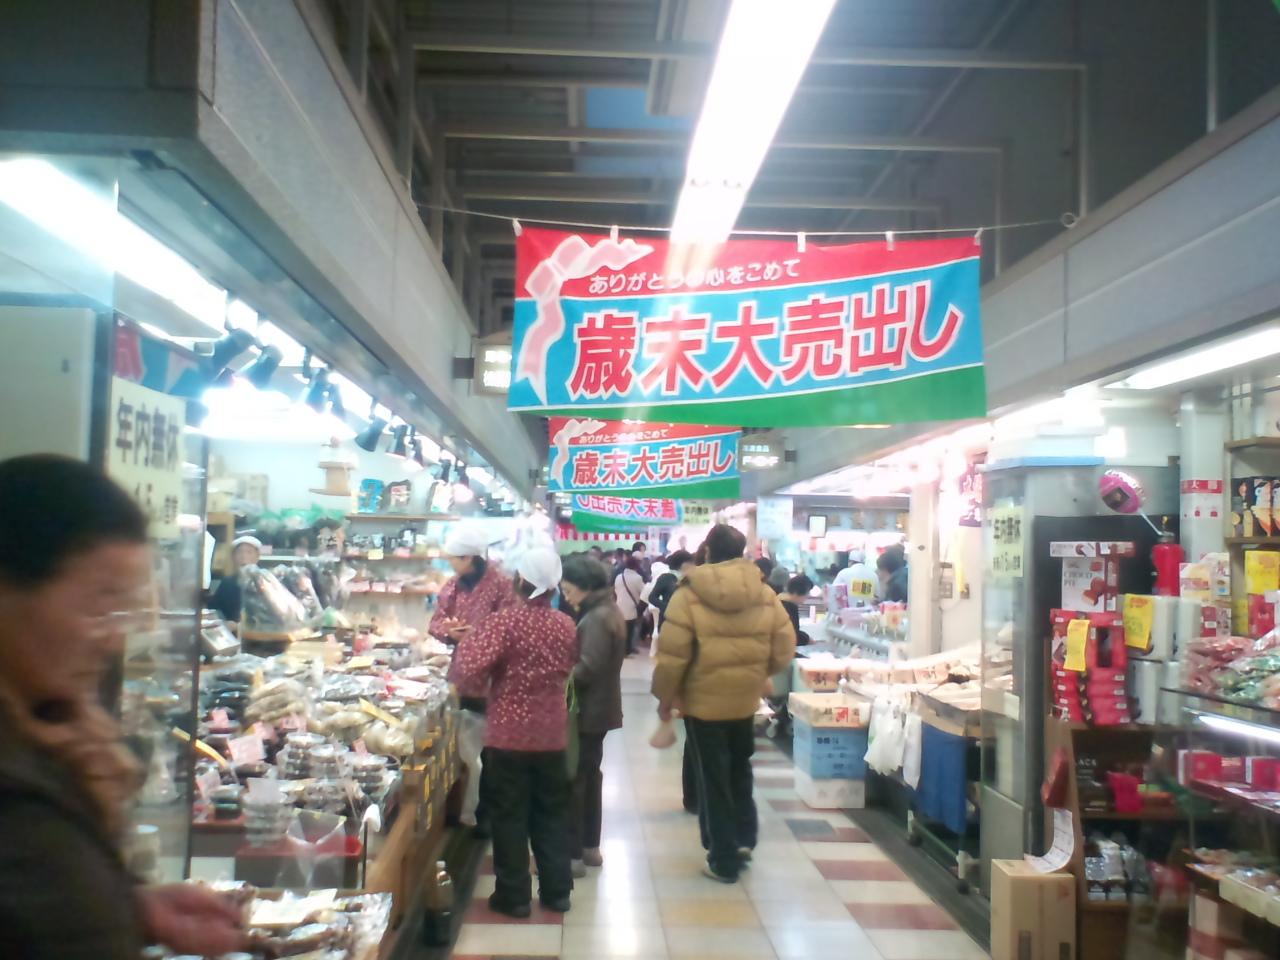 豊南市場: POOL LIFE